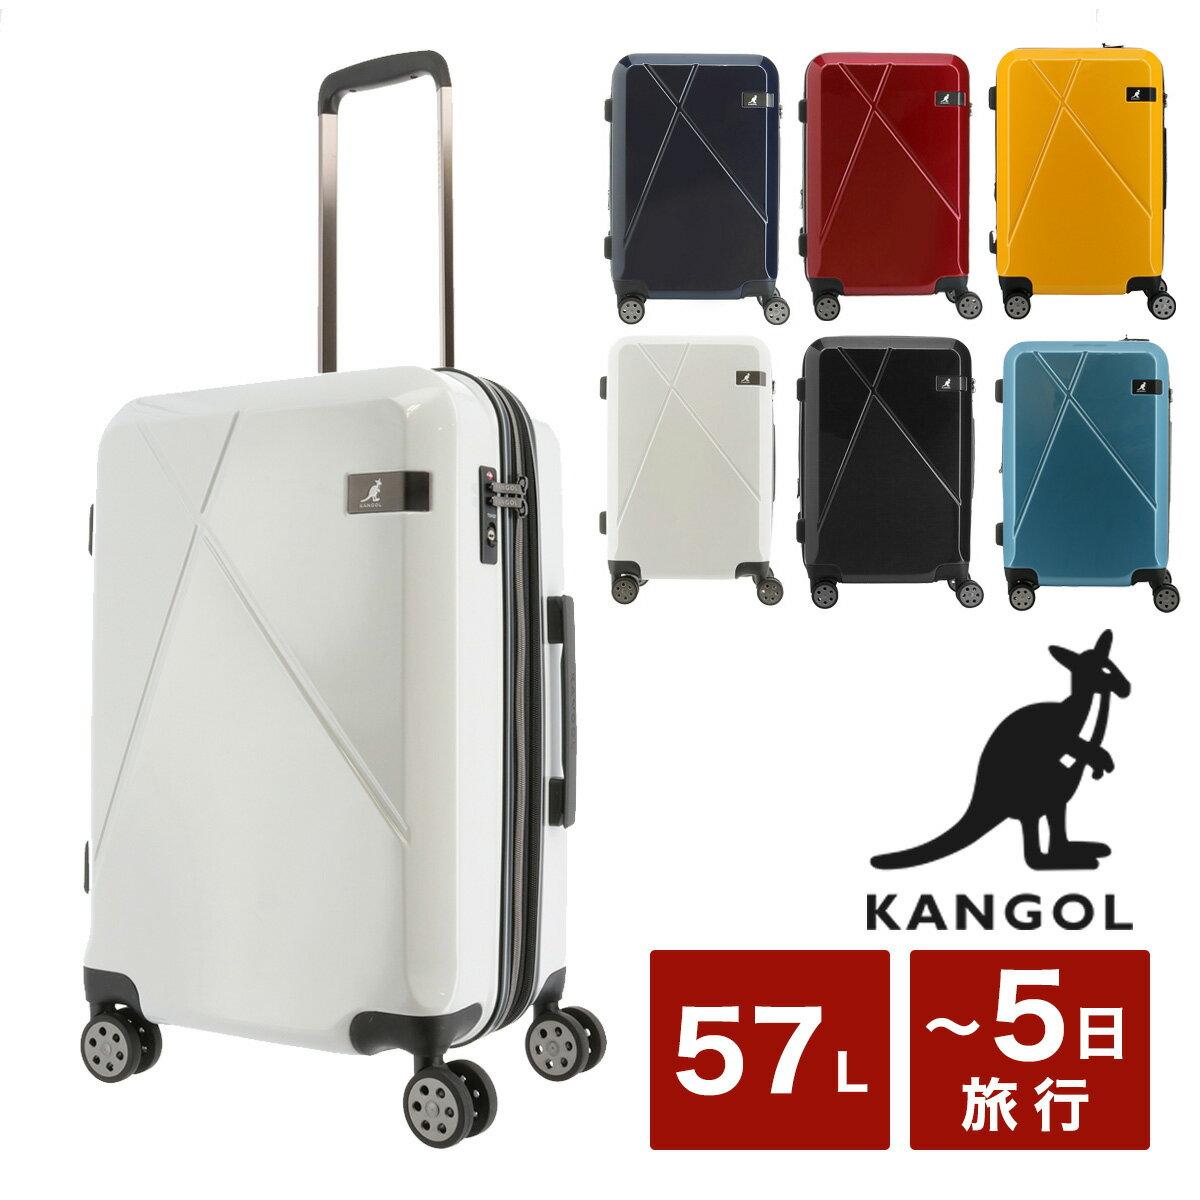 カンゴール スーツケース 拡張|50L/57L 56cm 250-5700|ハード ファスナー TSAロック搭載 おしゃれ [PO10][bef][即日発送]